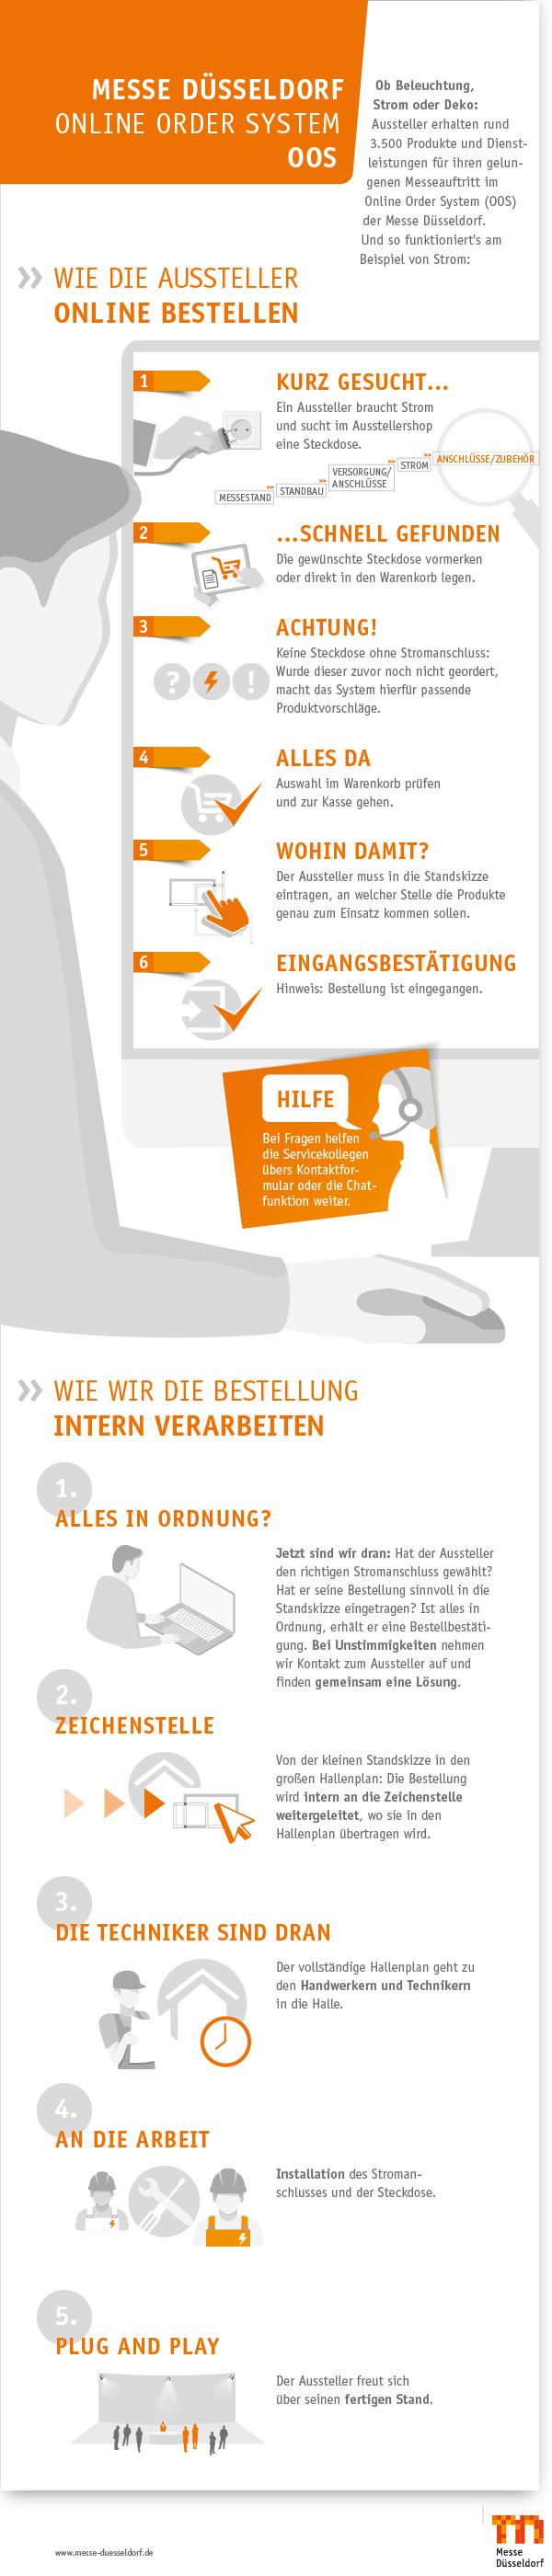 Infografik OOS Messe Düsseldorf